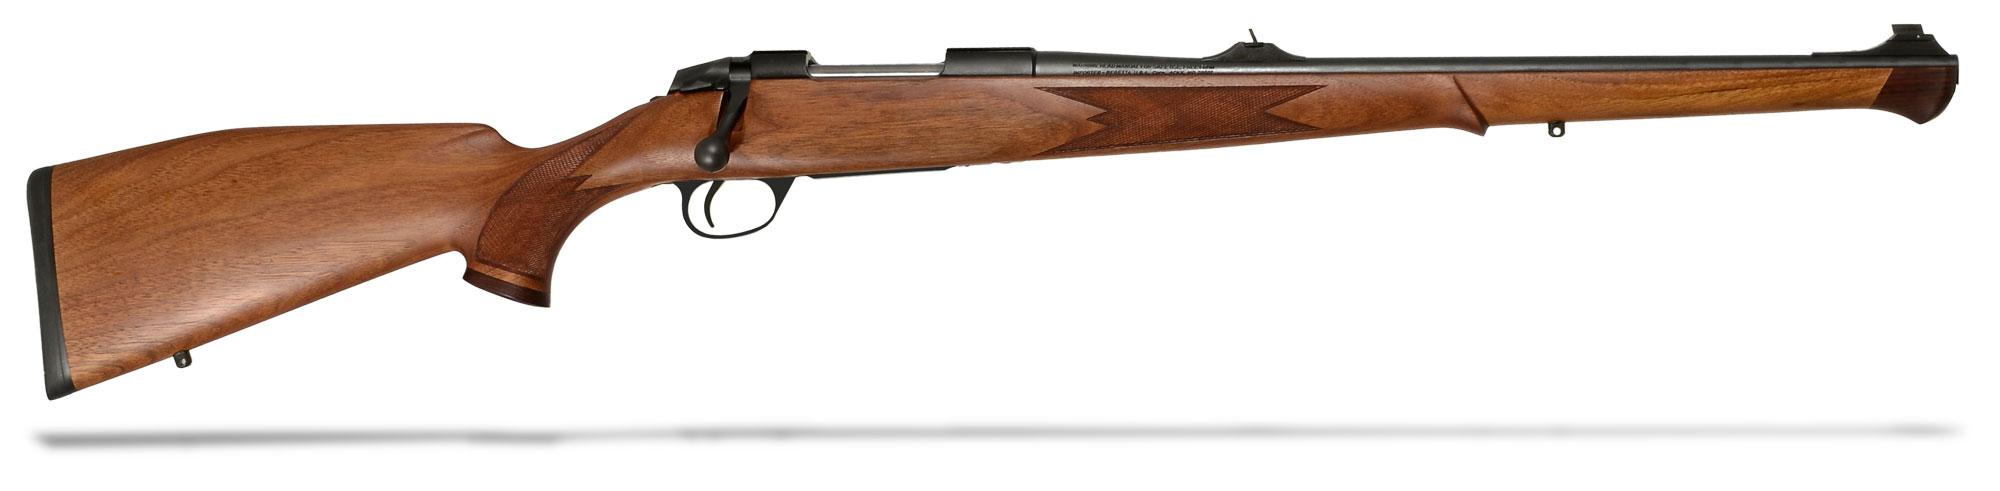 Sako Bavarian Carbine .243 Win. Rifle JRSBC15